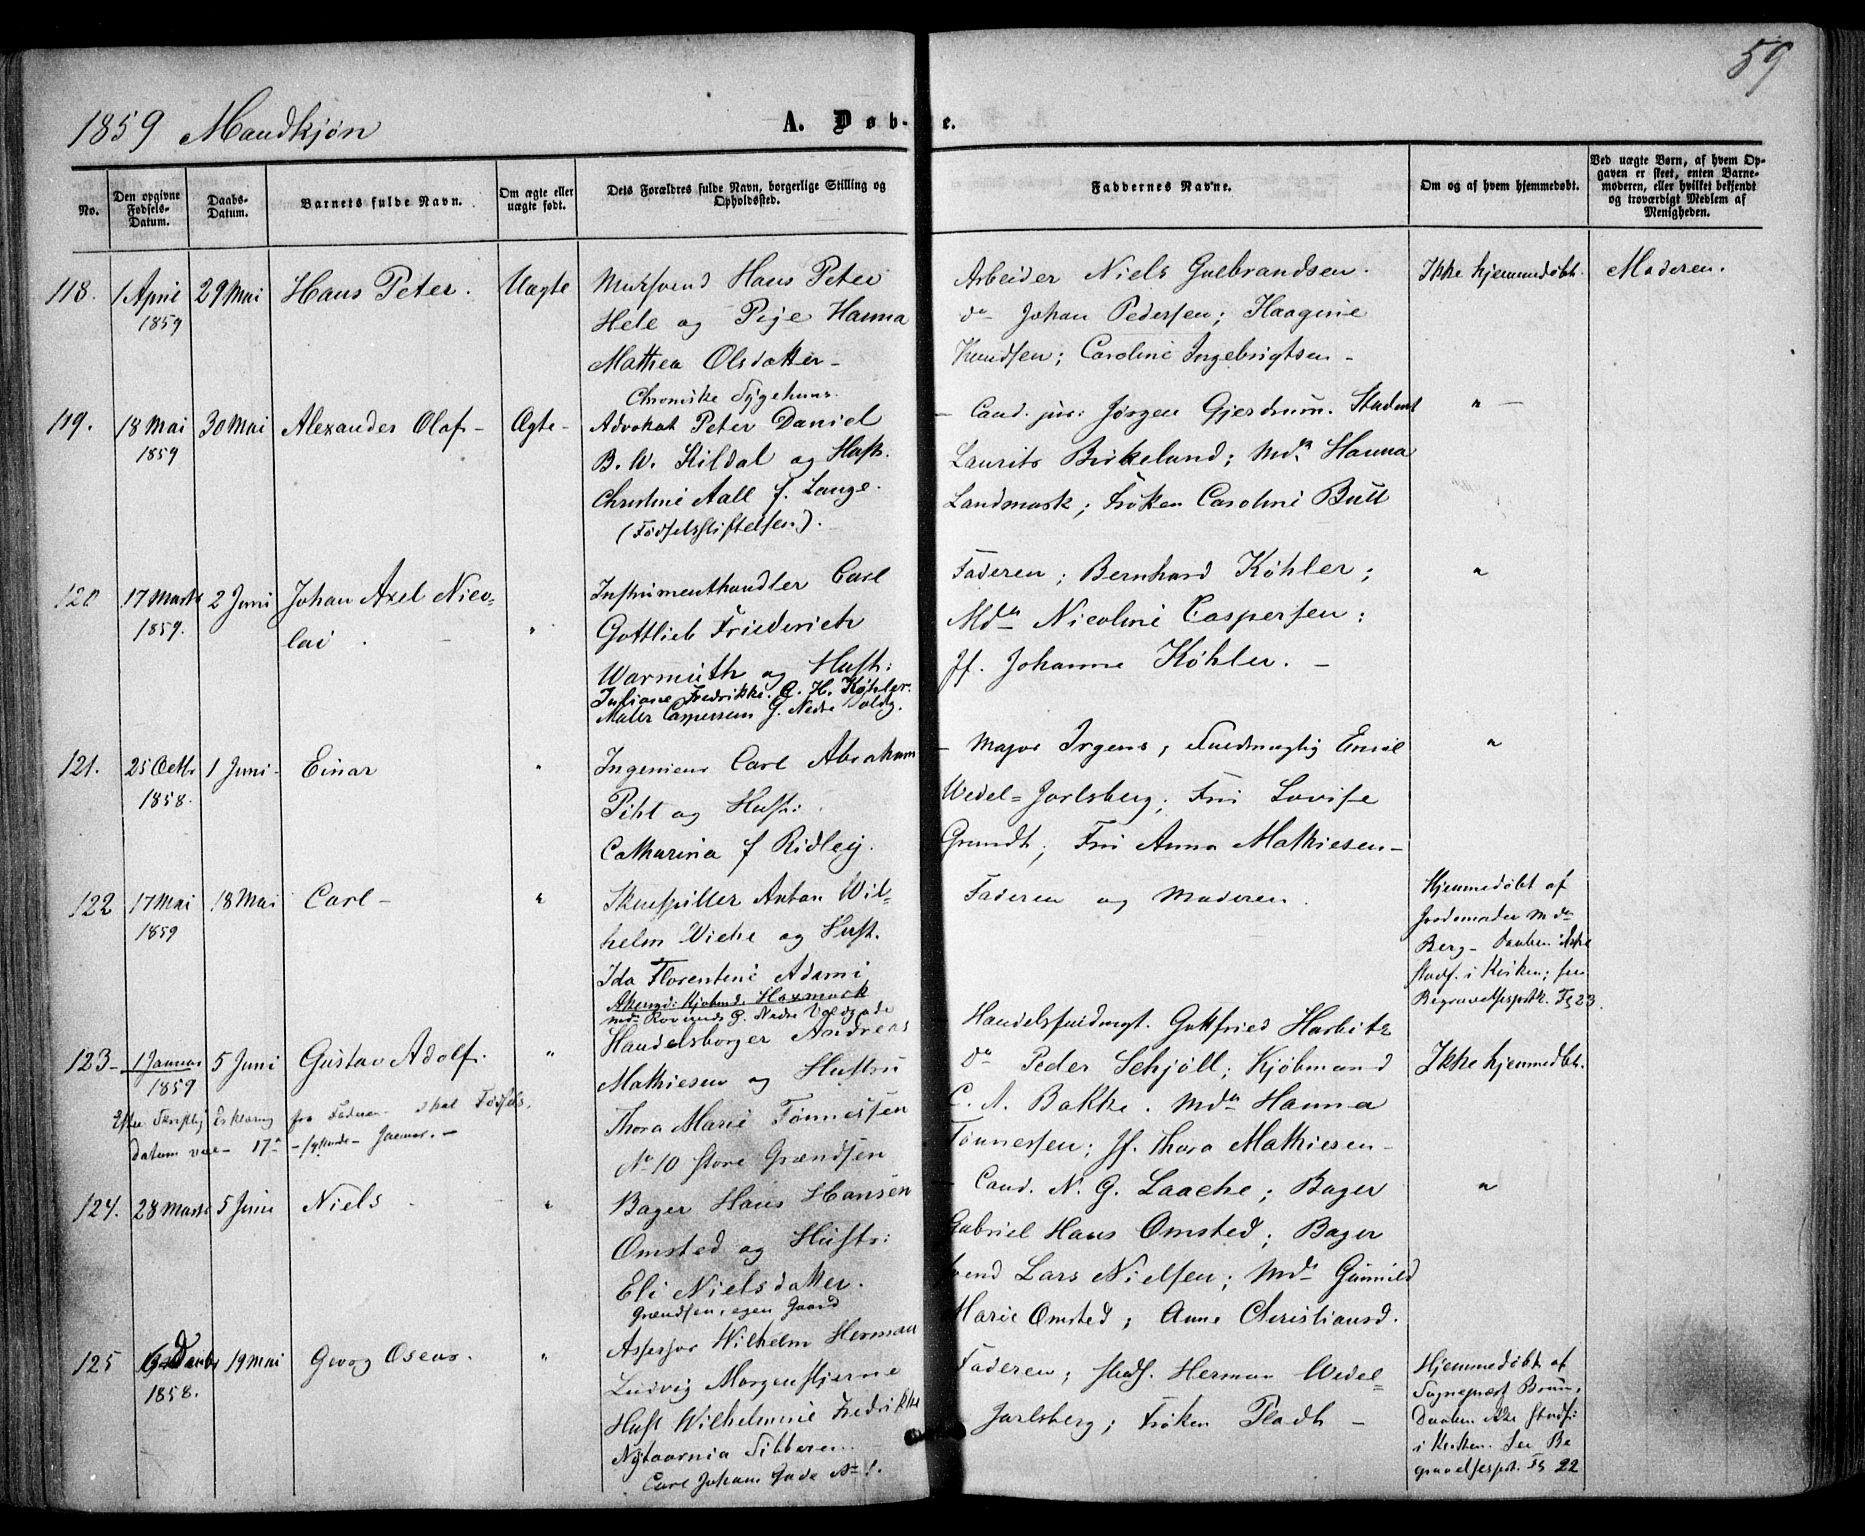 SAO, Trefoldighet prestekontor Kirkebøker, F/Fa/L0001: Ministerialbok nr. I 1, 1858-1863, s. 59